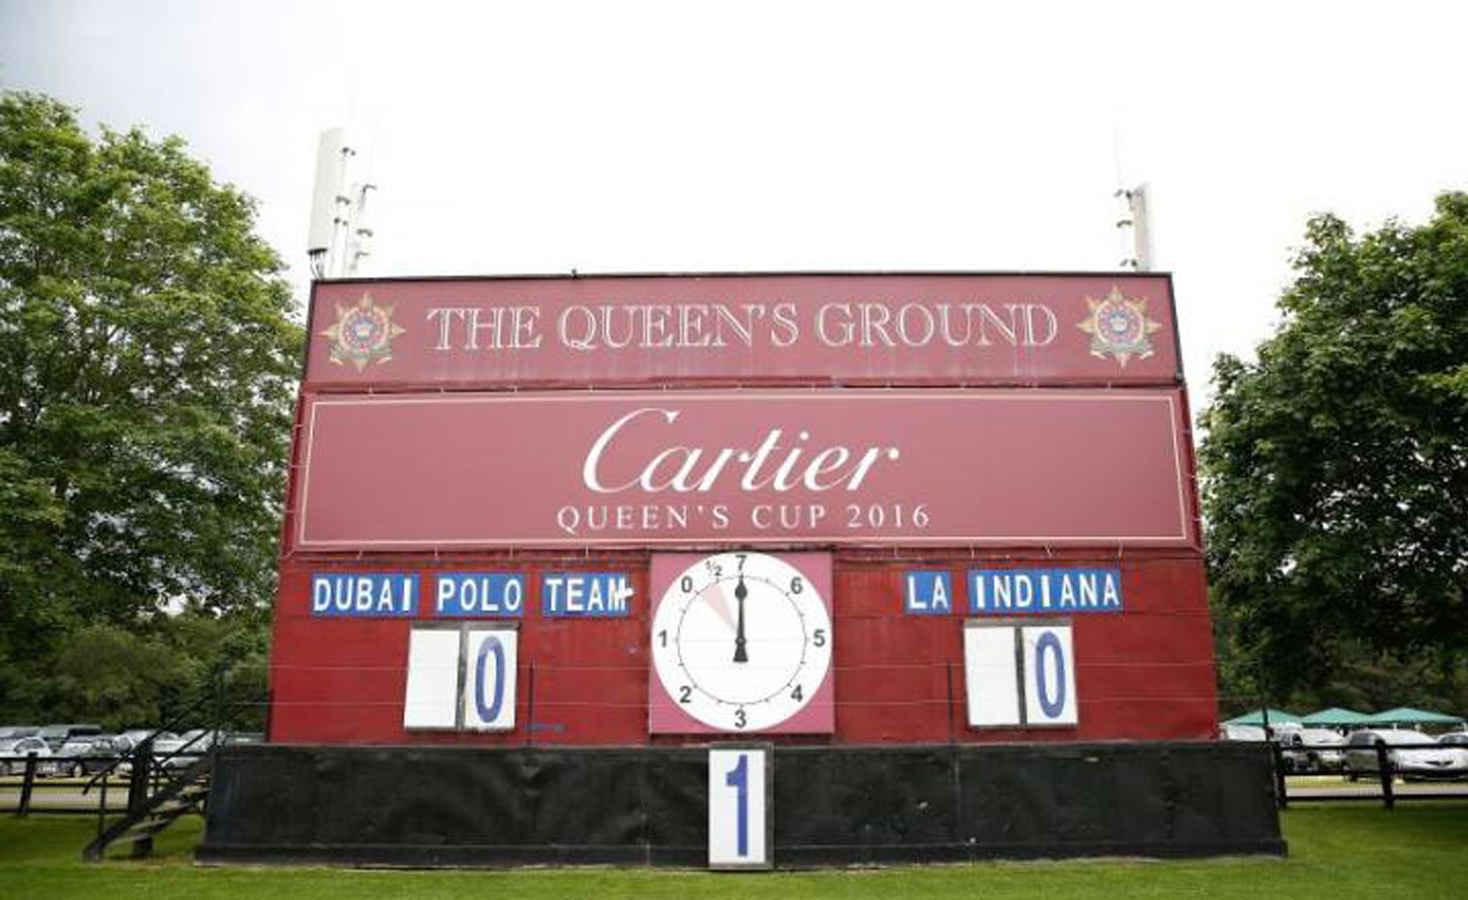 Cartier's Queen Cup